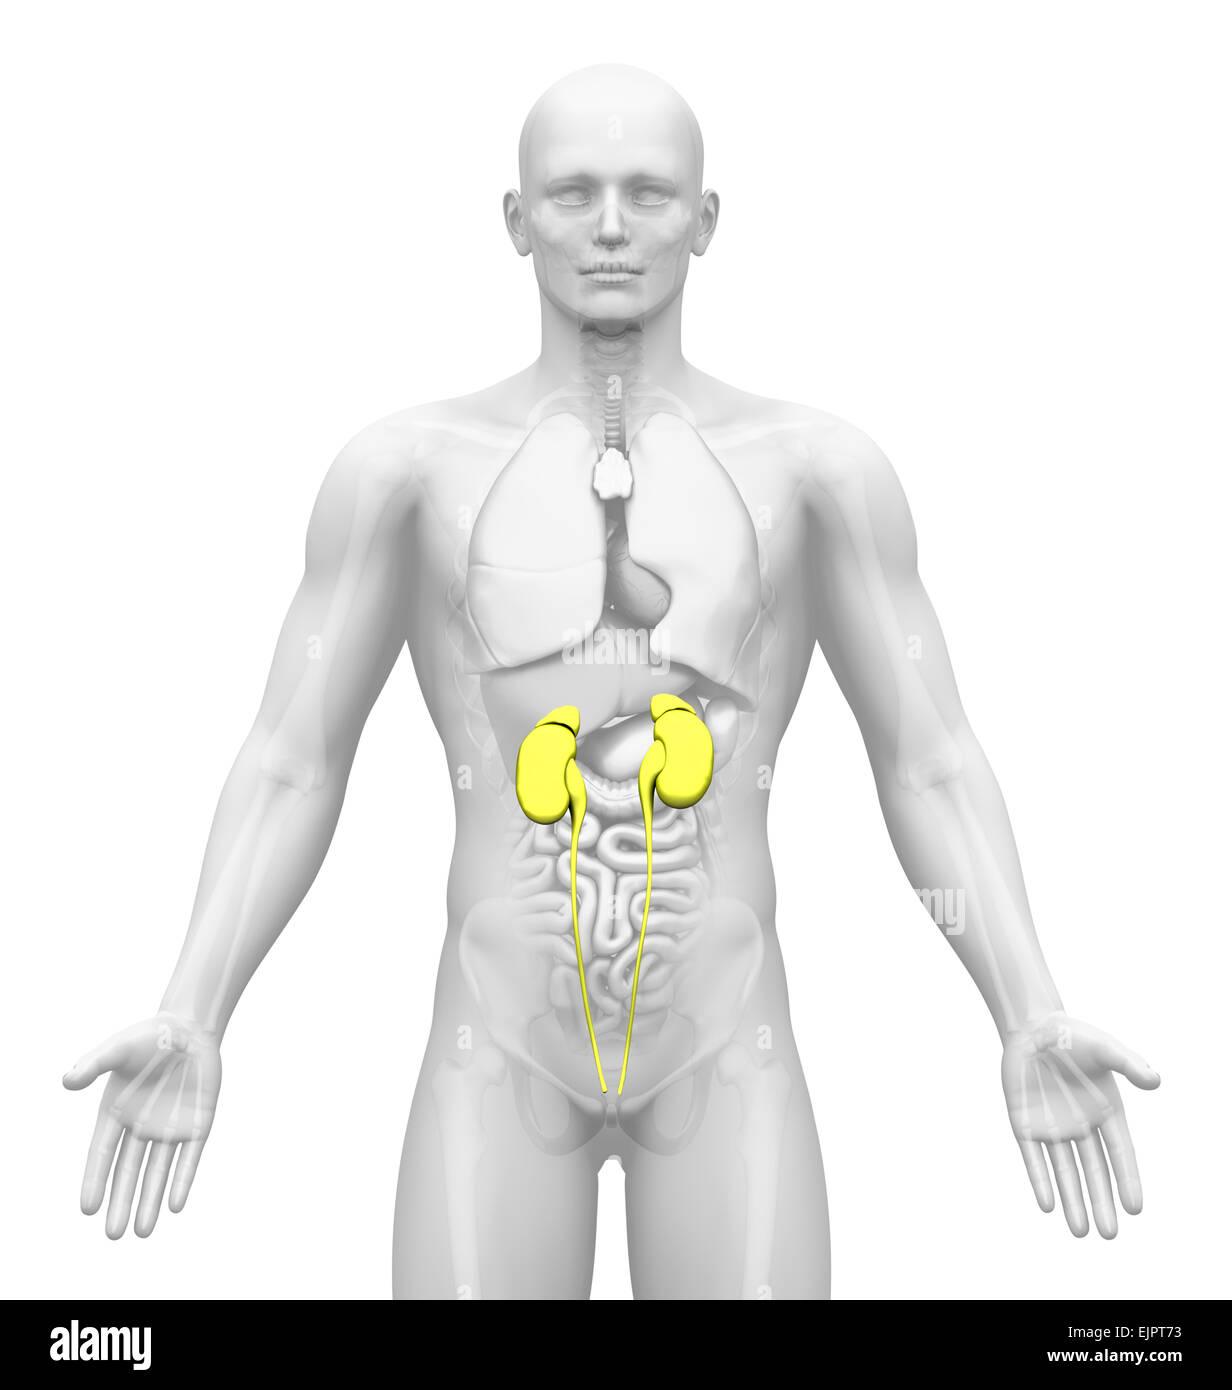 Ziemlich Nieren Bilder Anatomie Bilder - Menschliche Anatomie Bilder ...